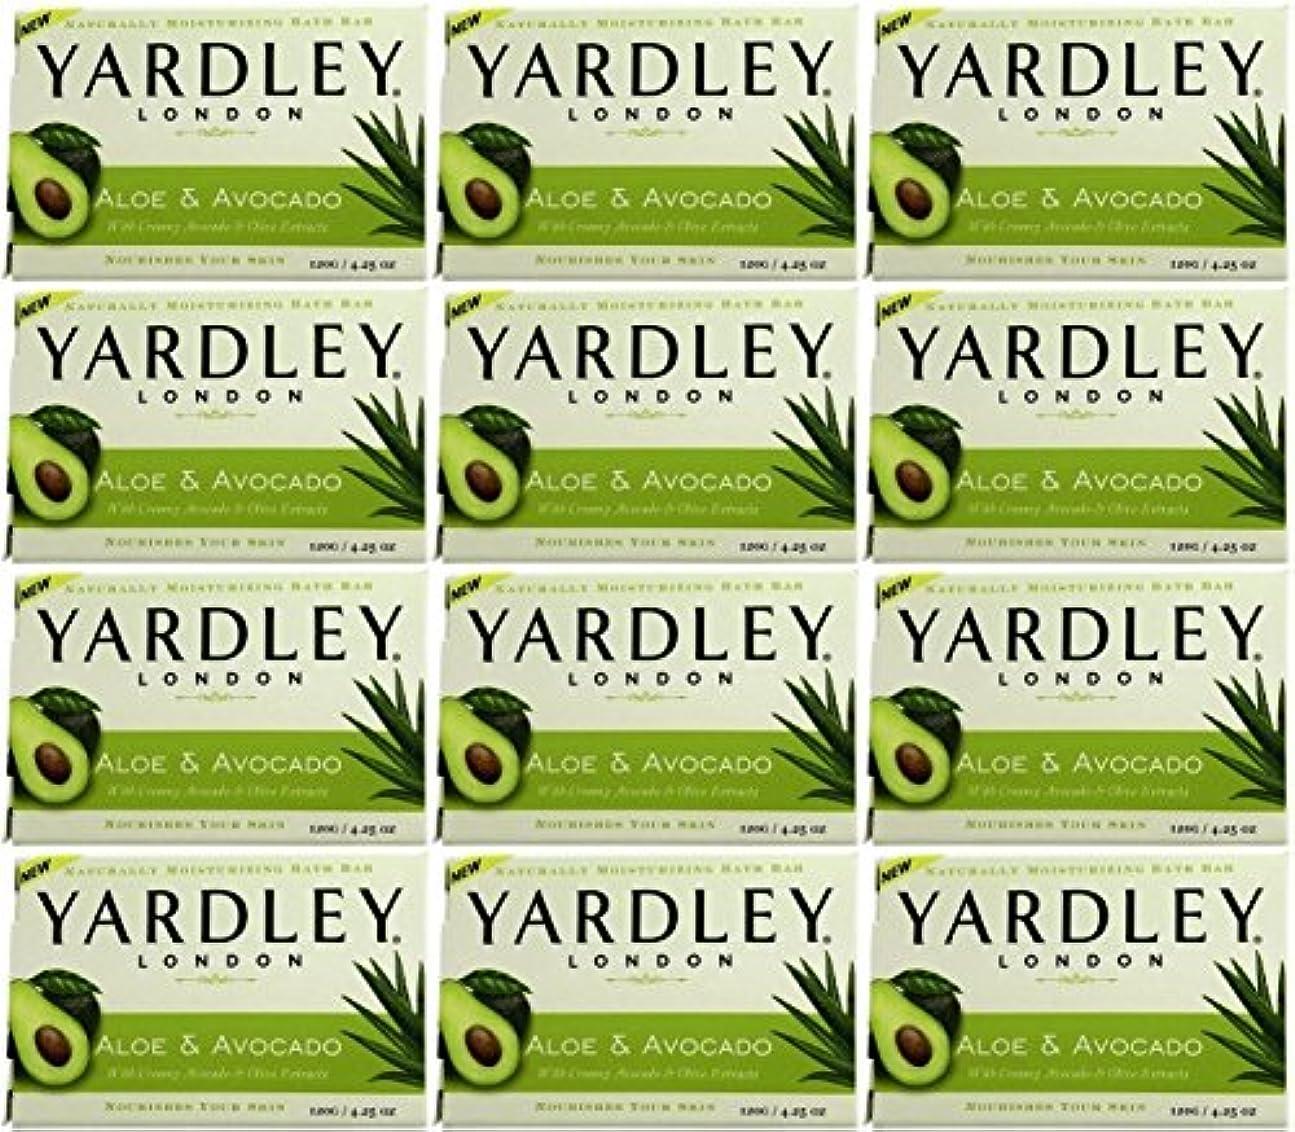 再発する驚かす温度計Yardley ロンドンアロエアボカド当然のことながら保湿入浴バー4.25オズ(12パック) 12のパック ヌル